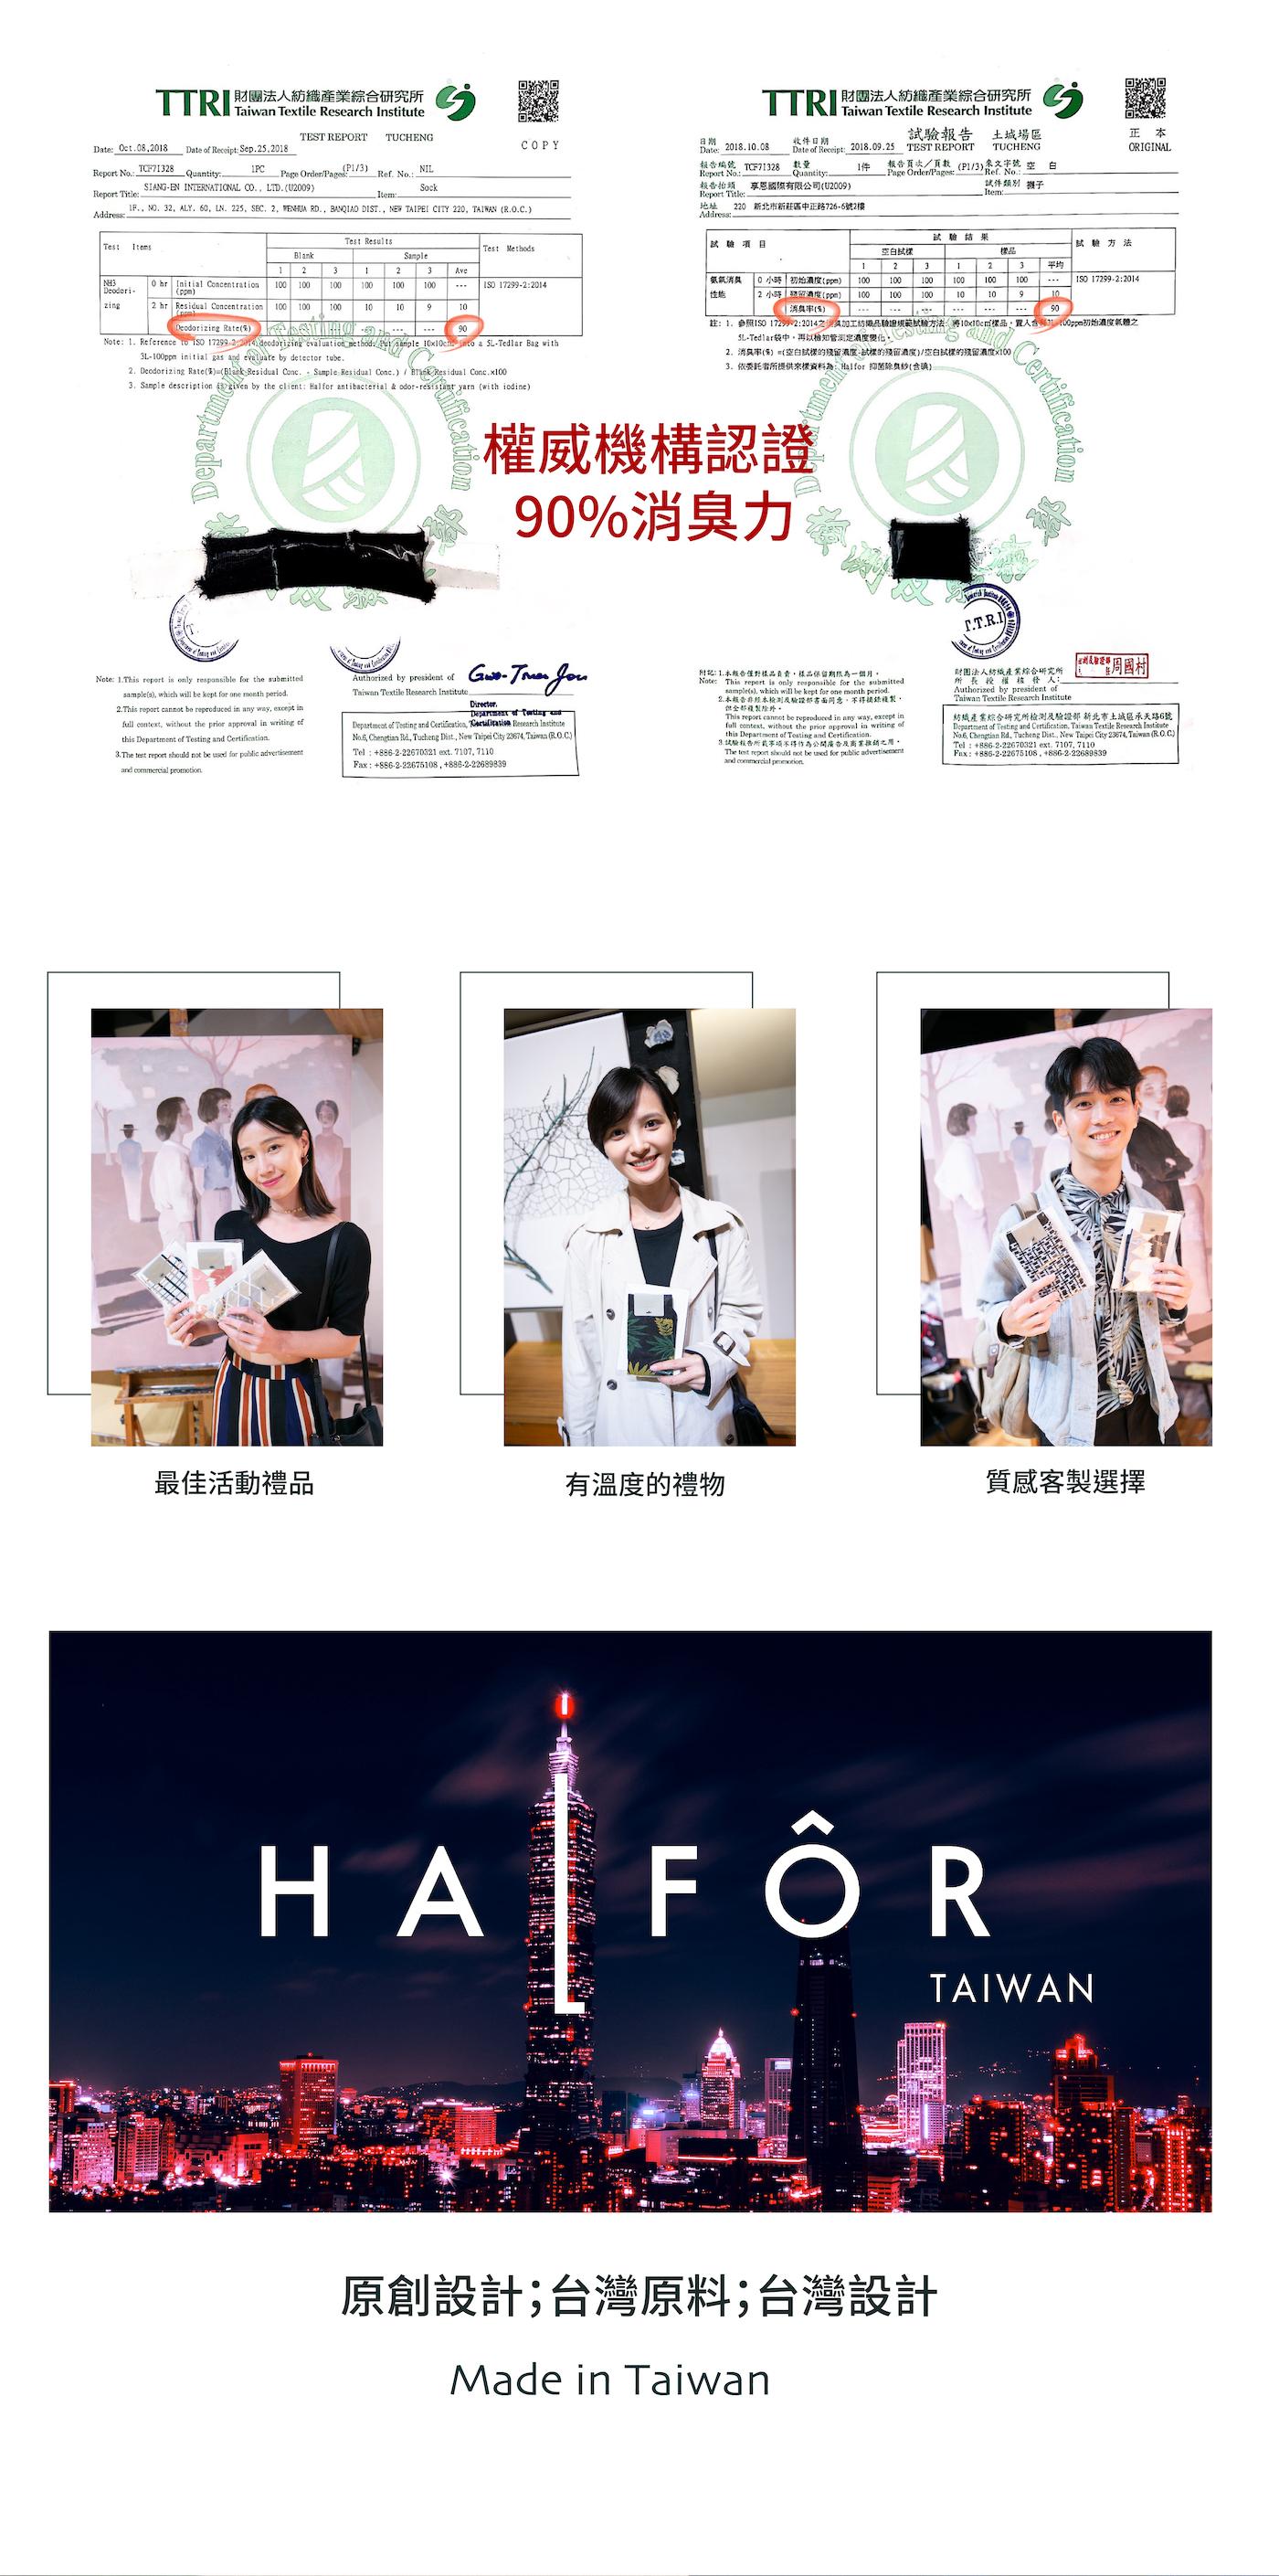 環保機台製作,台灣設計、台灣原料、台灣製造的機能設計襪